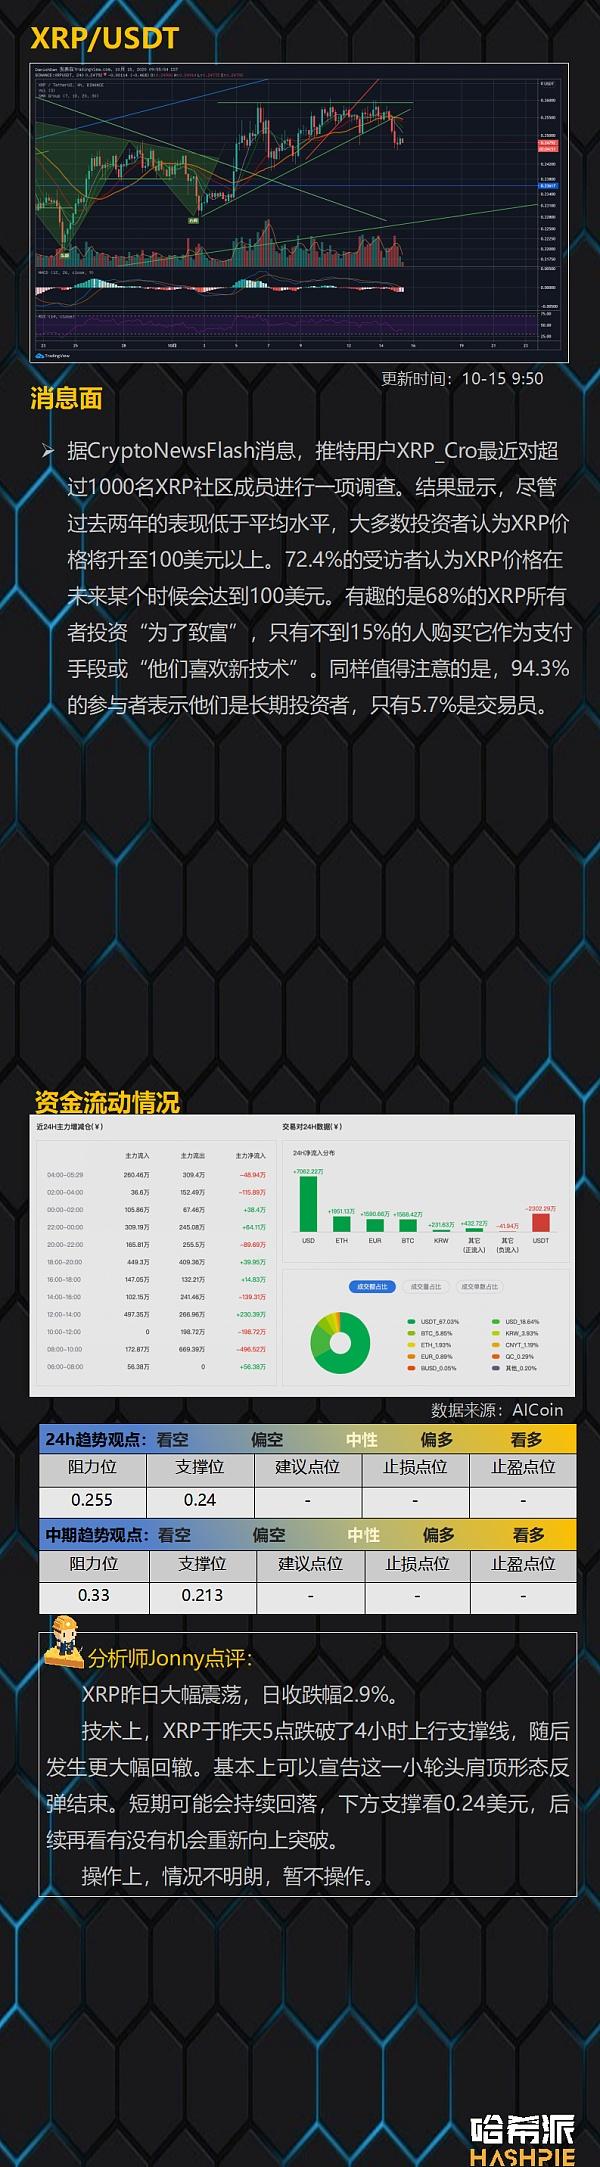 《【EOS价格今日行情】大盘趋势不明朗 BCH表现依然强势》